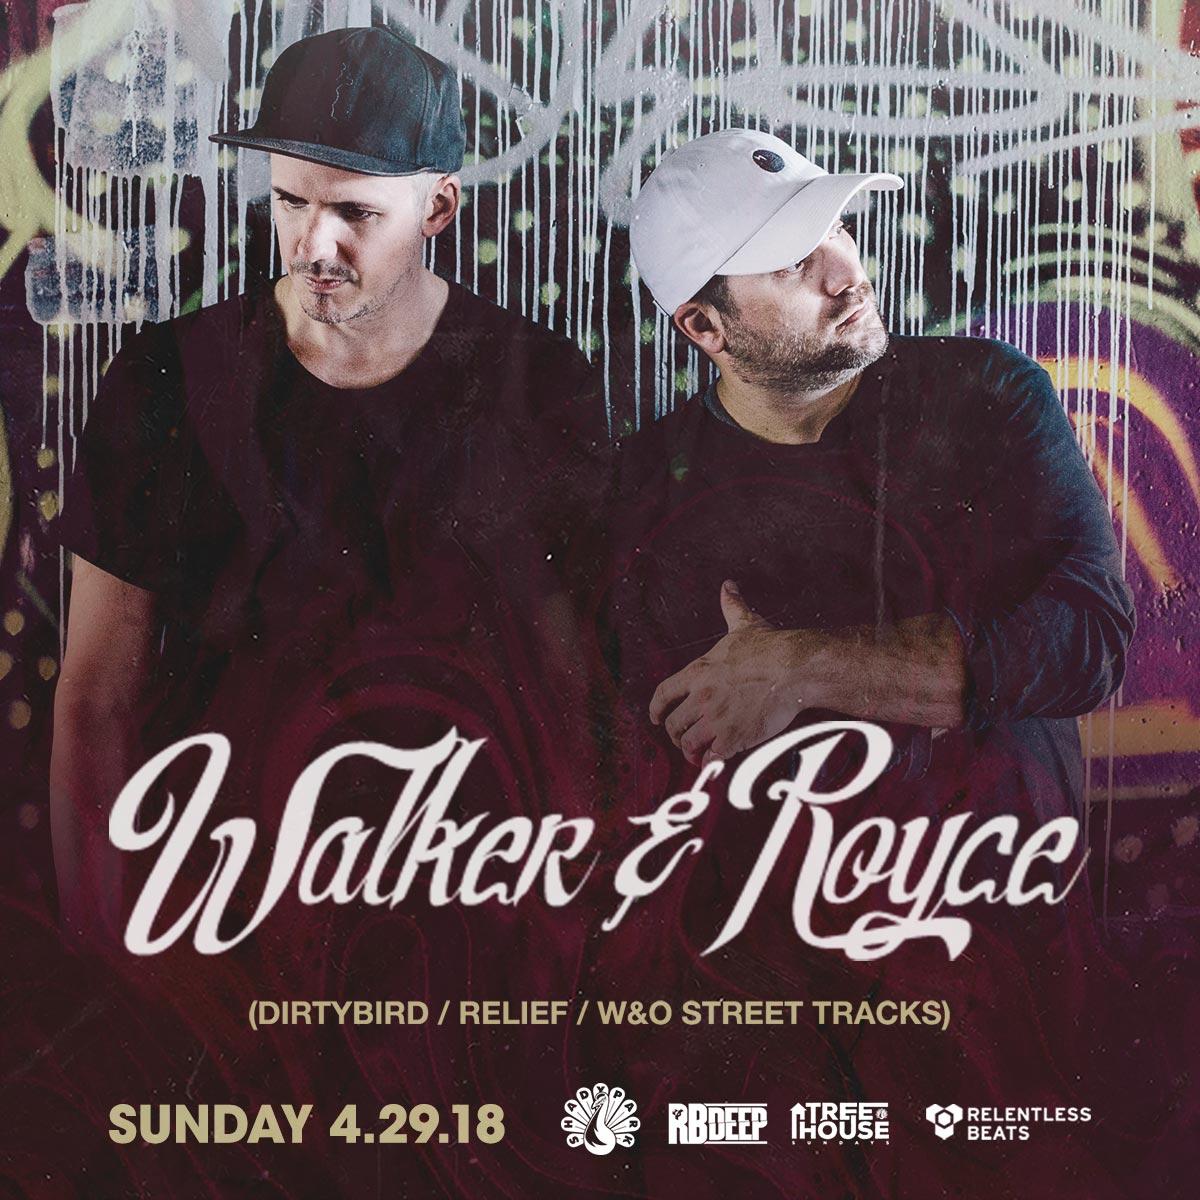 Flyer for Walker & Royce